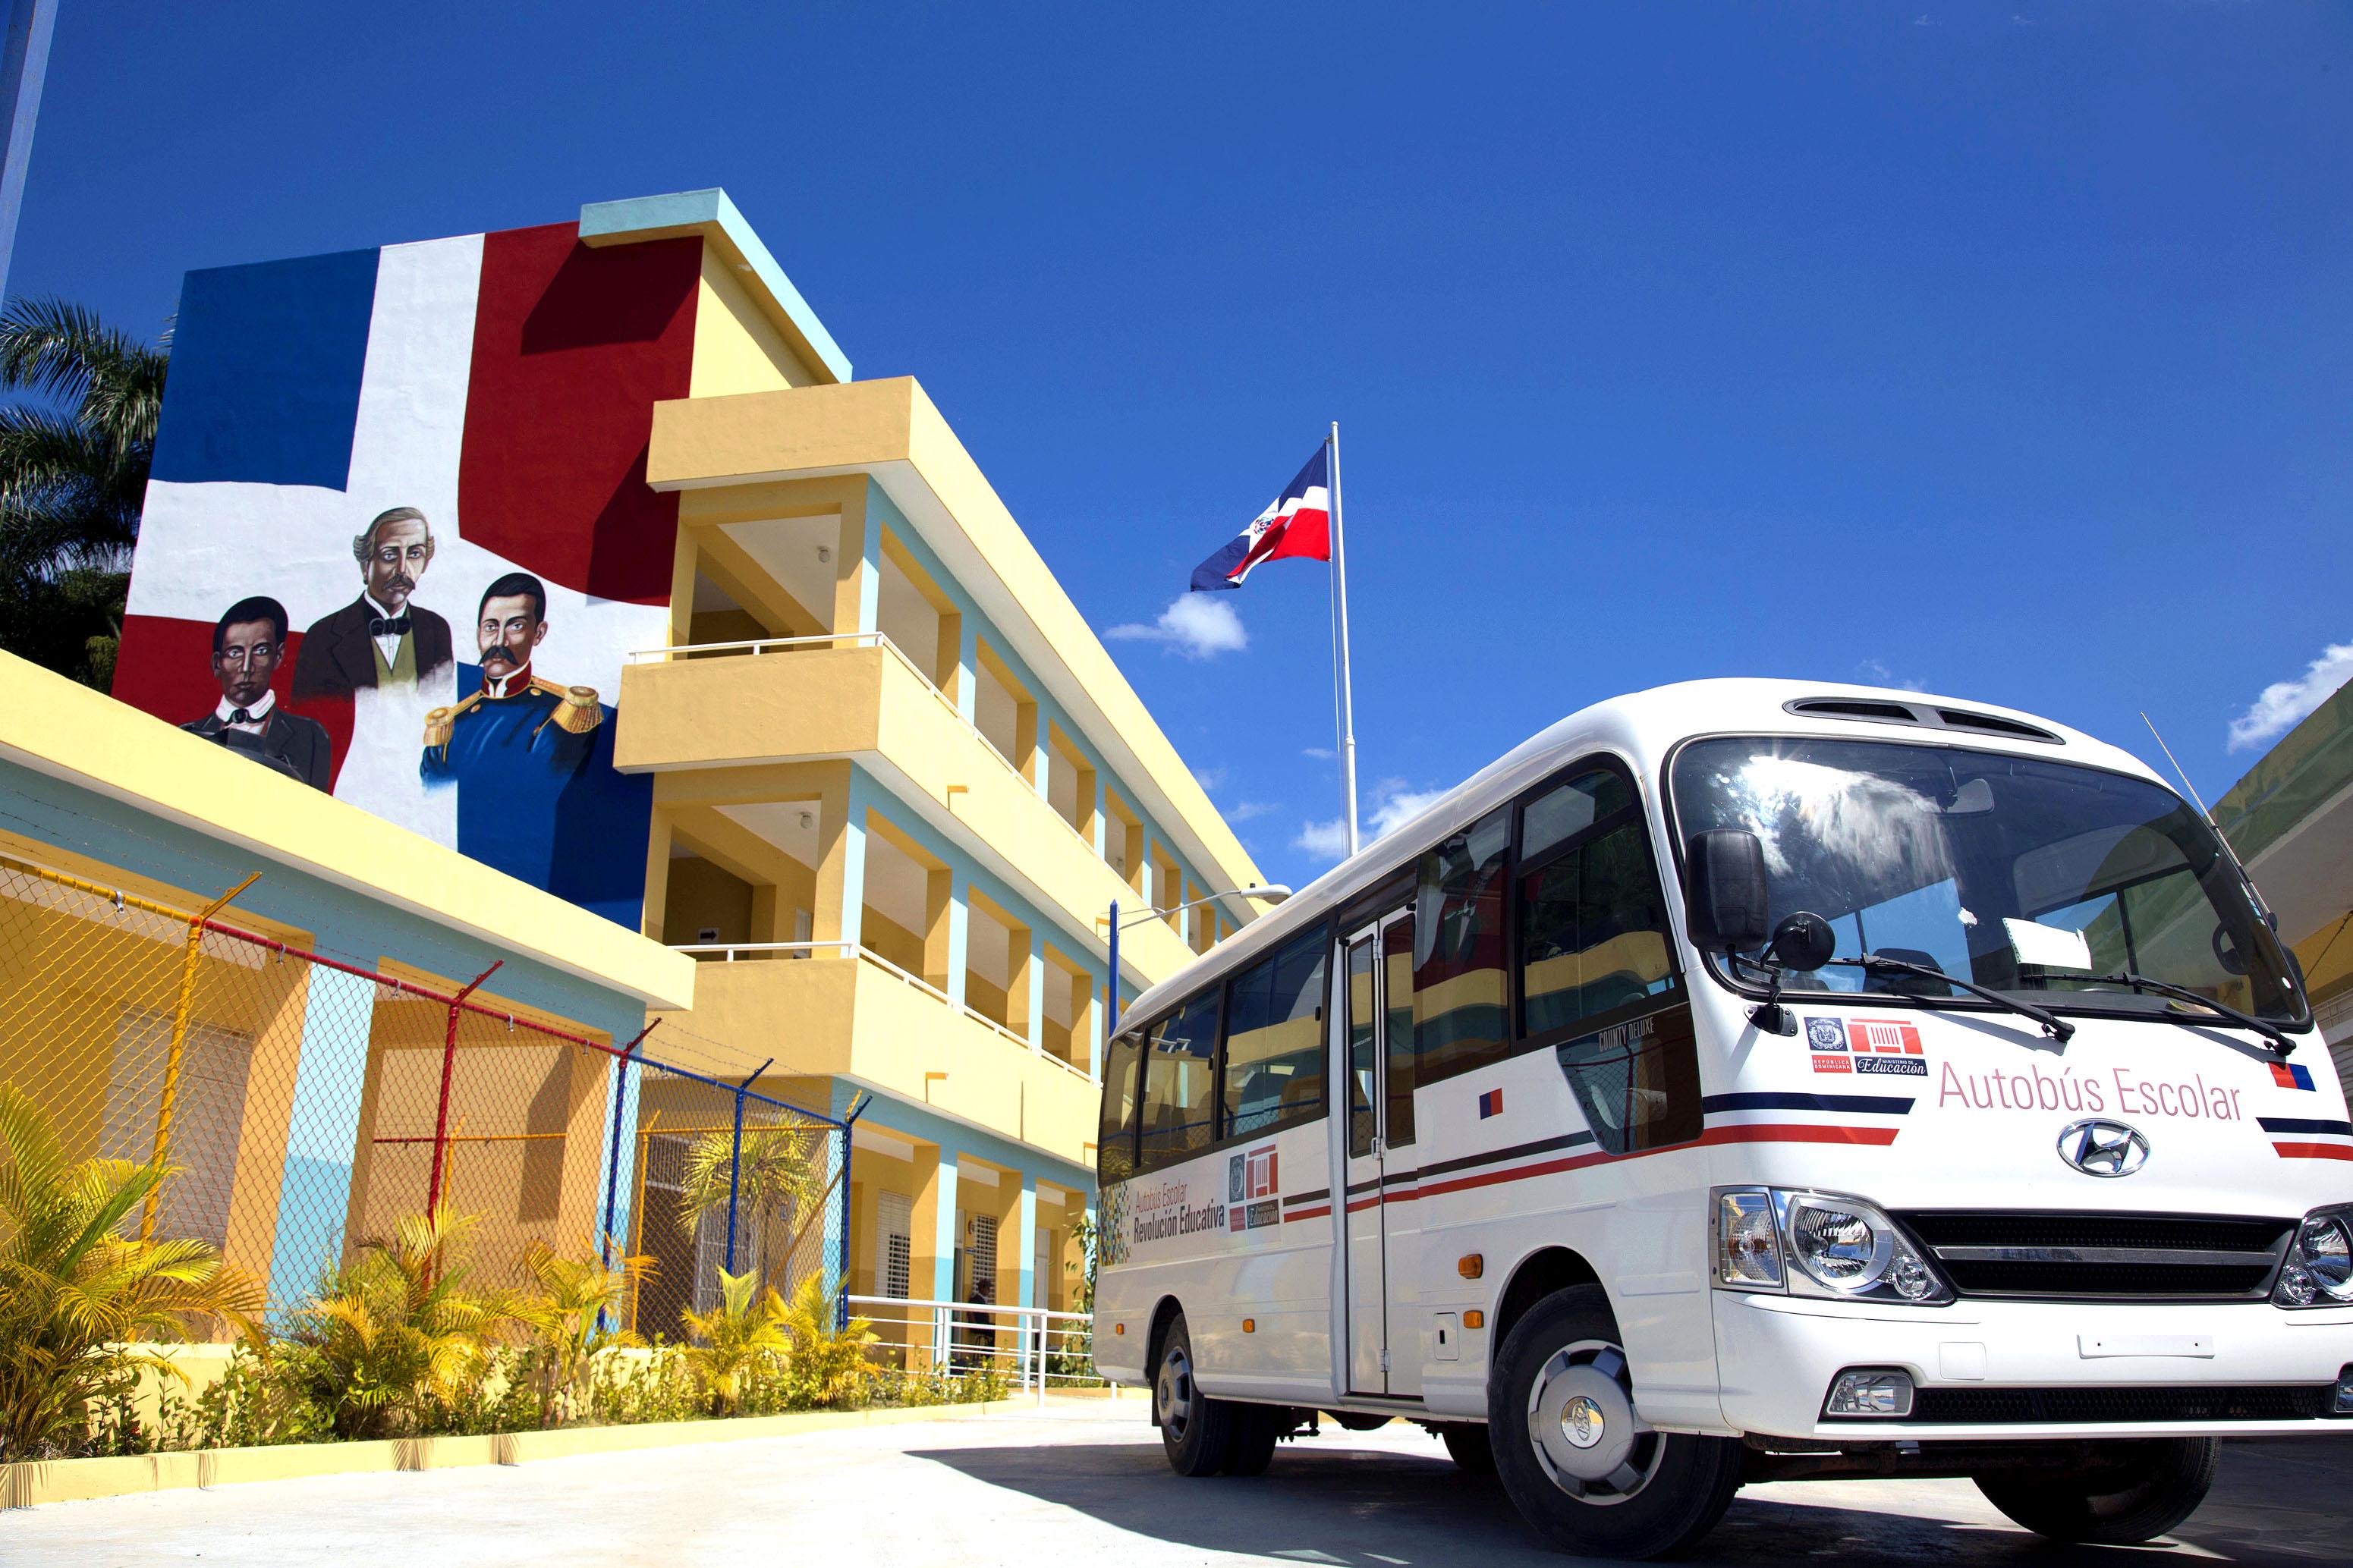 Entregan 32 nuevos autobuses autobuses escolares en distintas provincias del país